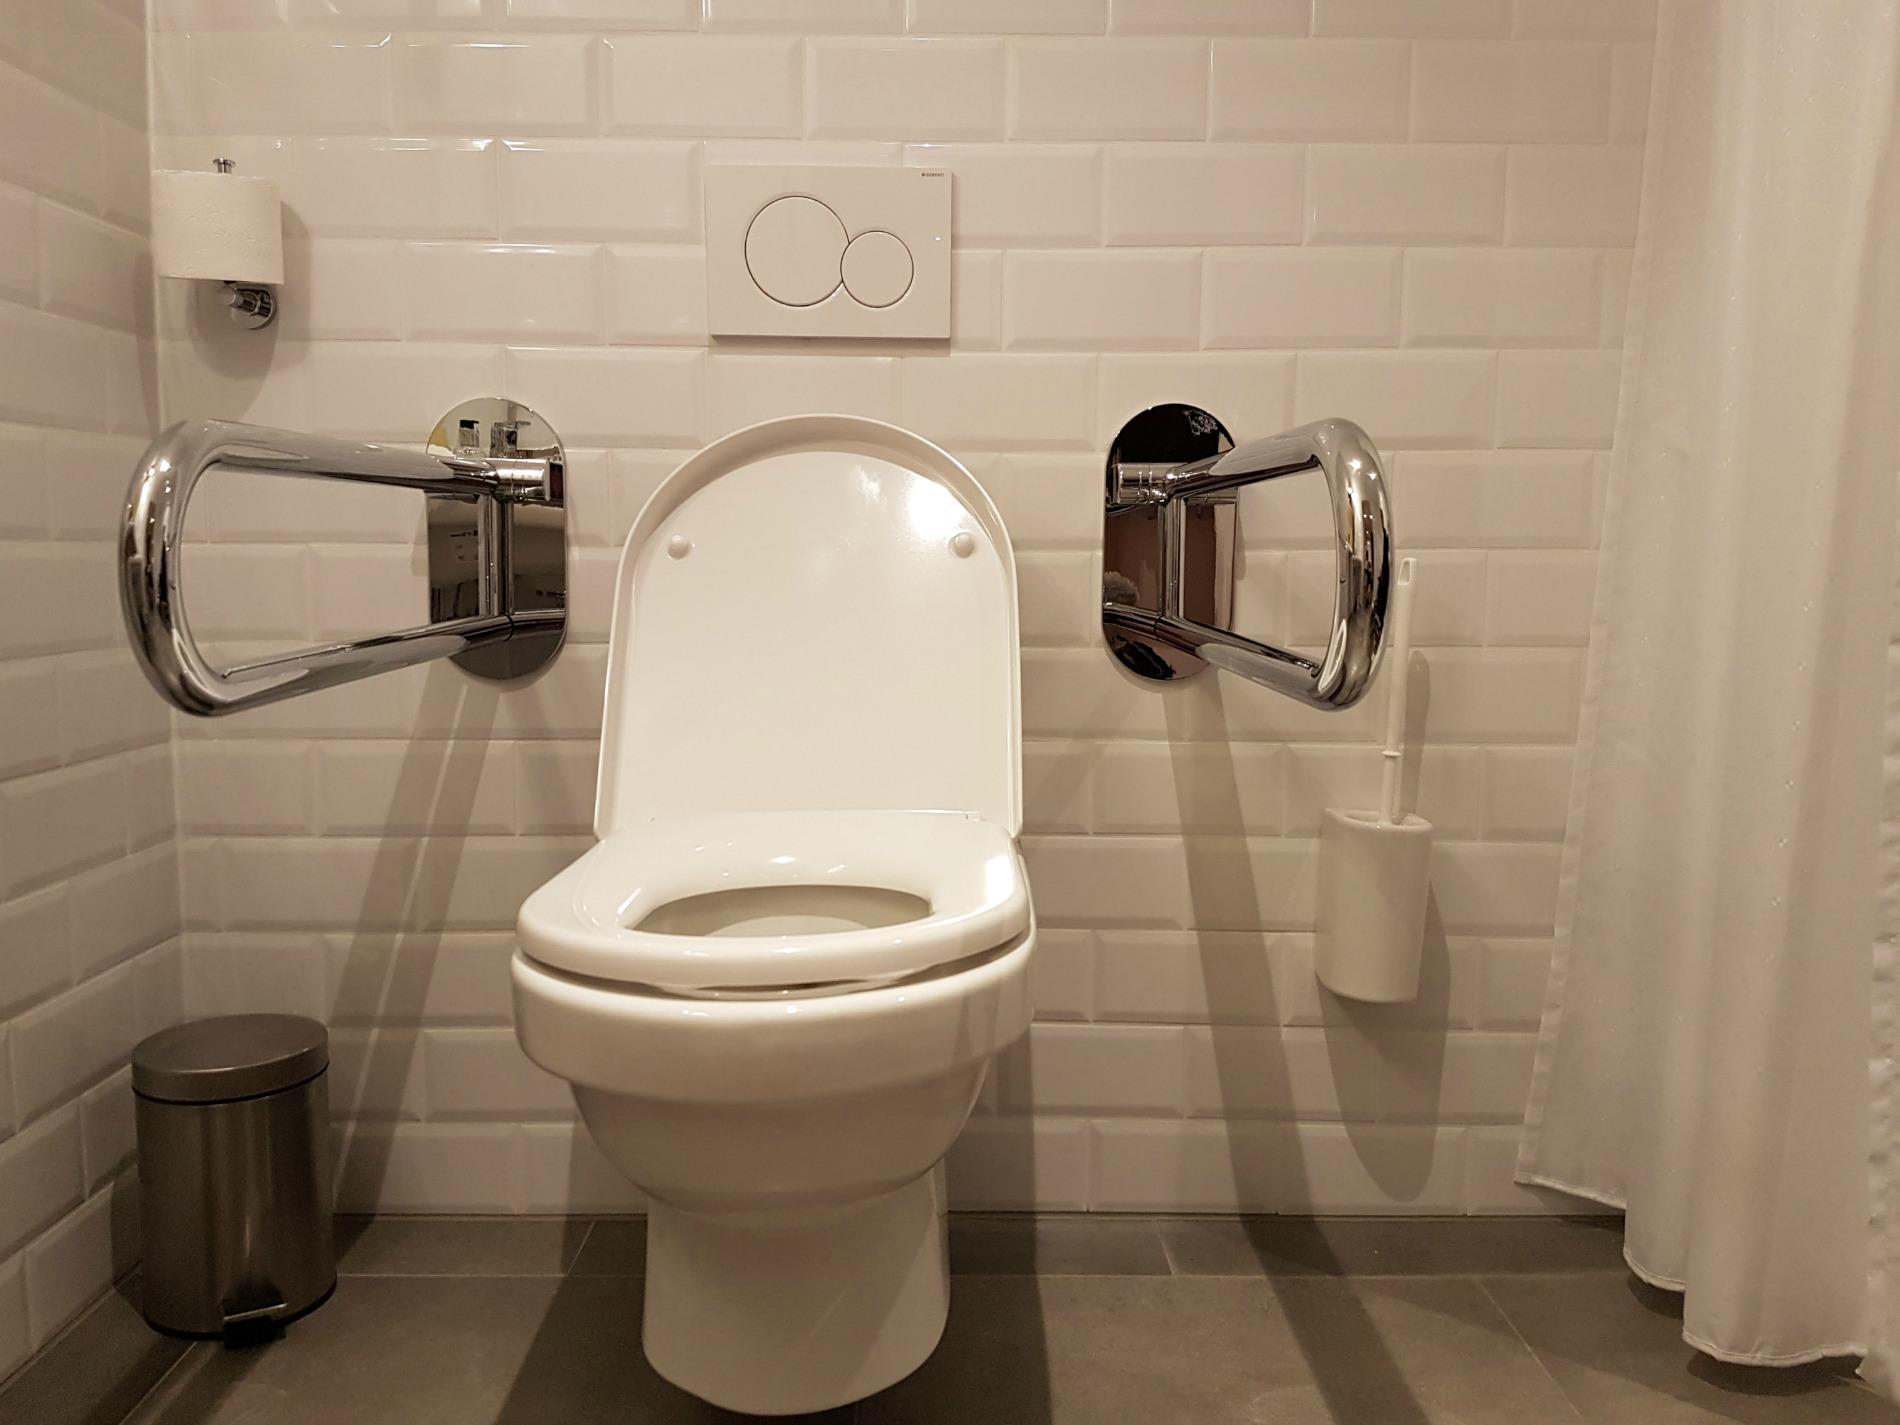 hotel-schani-wien-bathroom-toilet